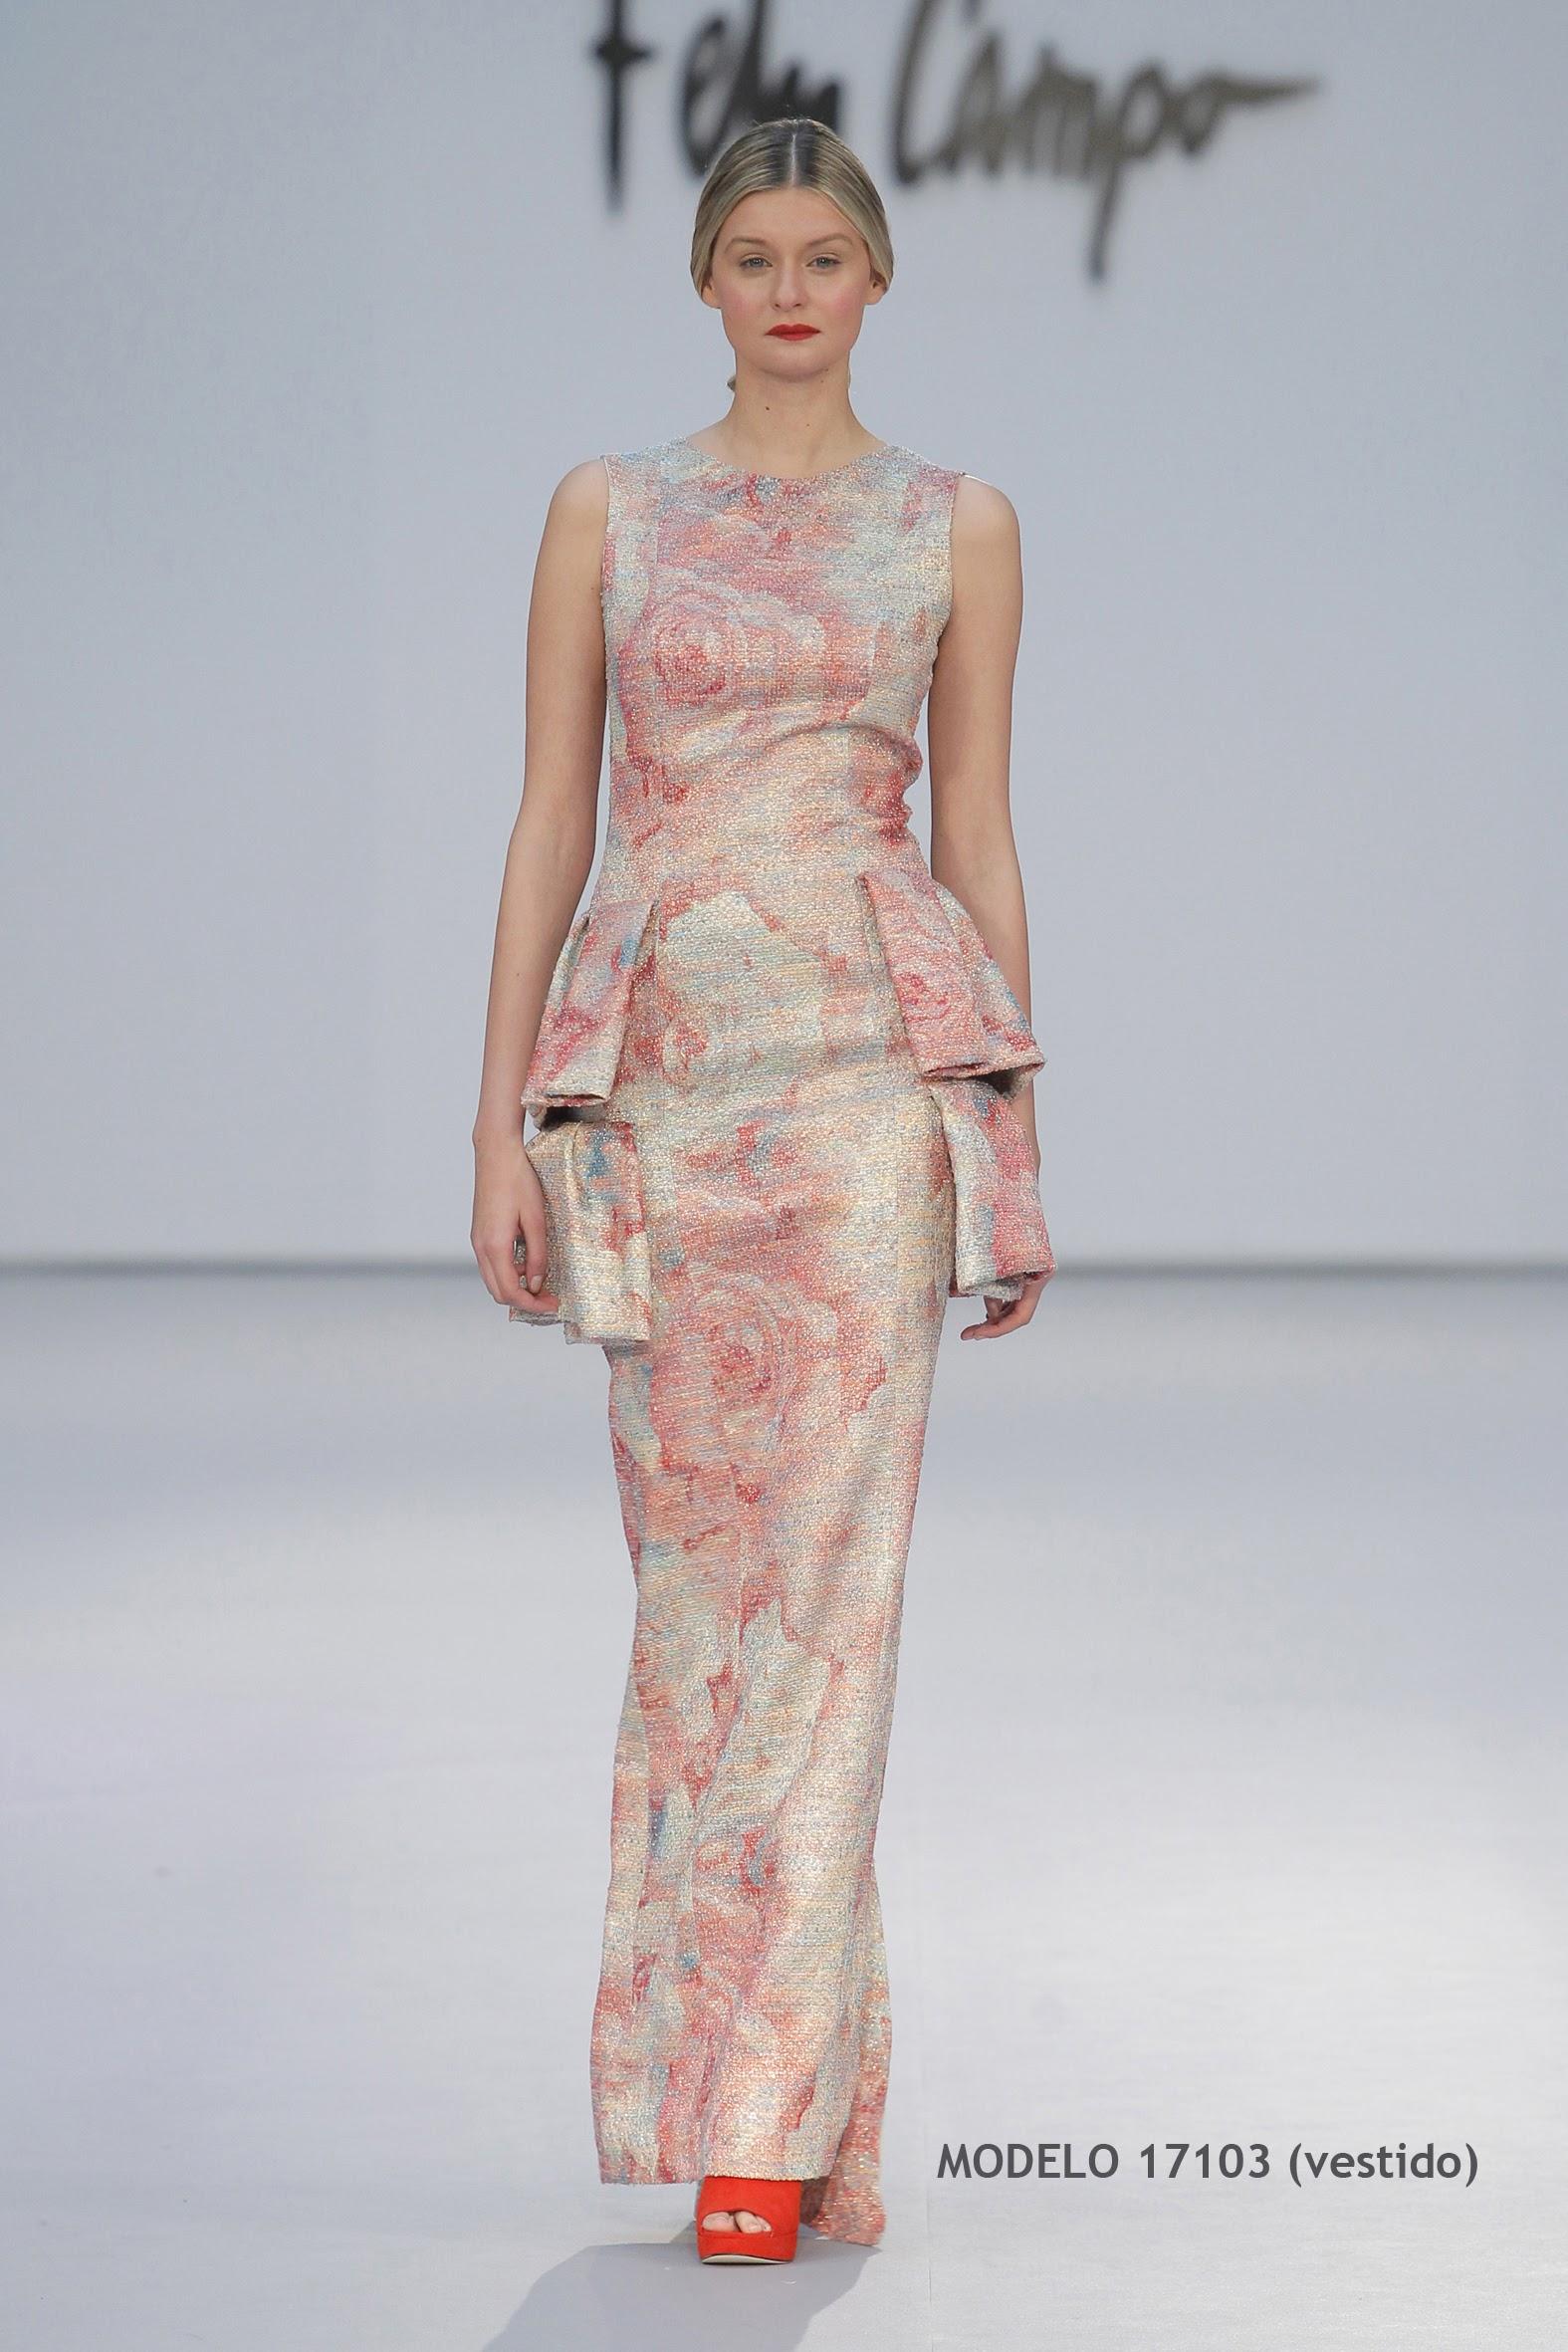 Vestido de novia 17103-a - penhalta